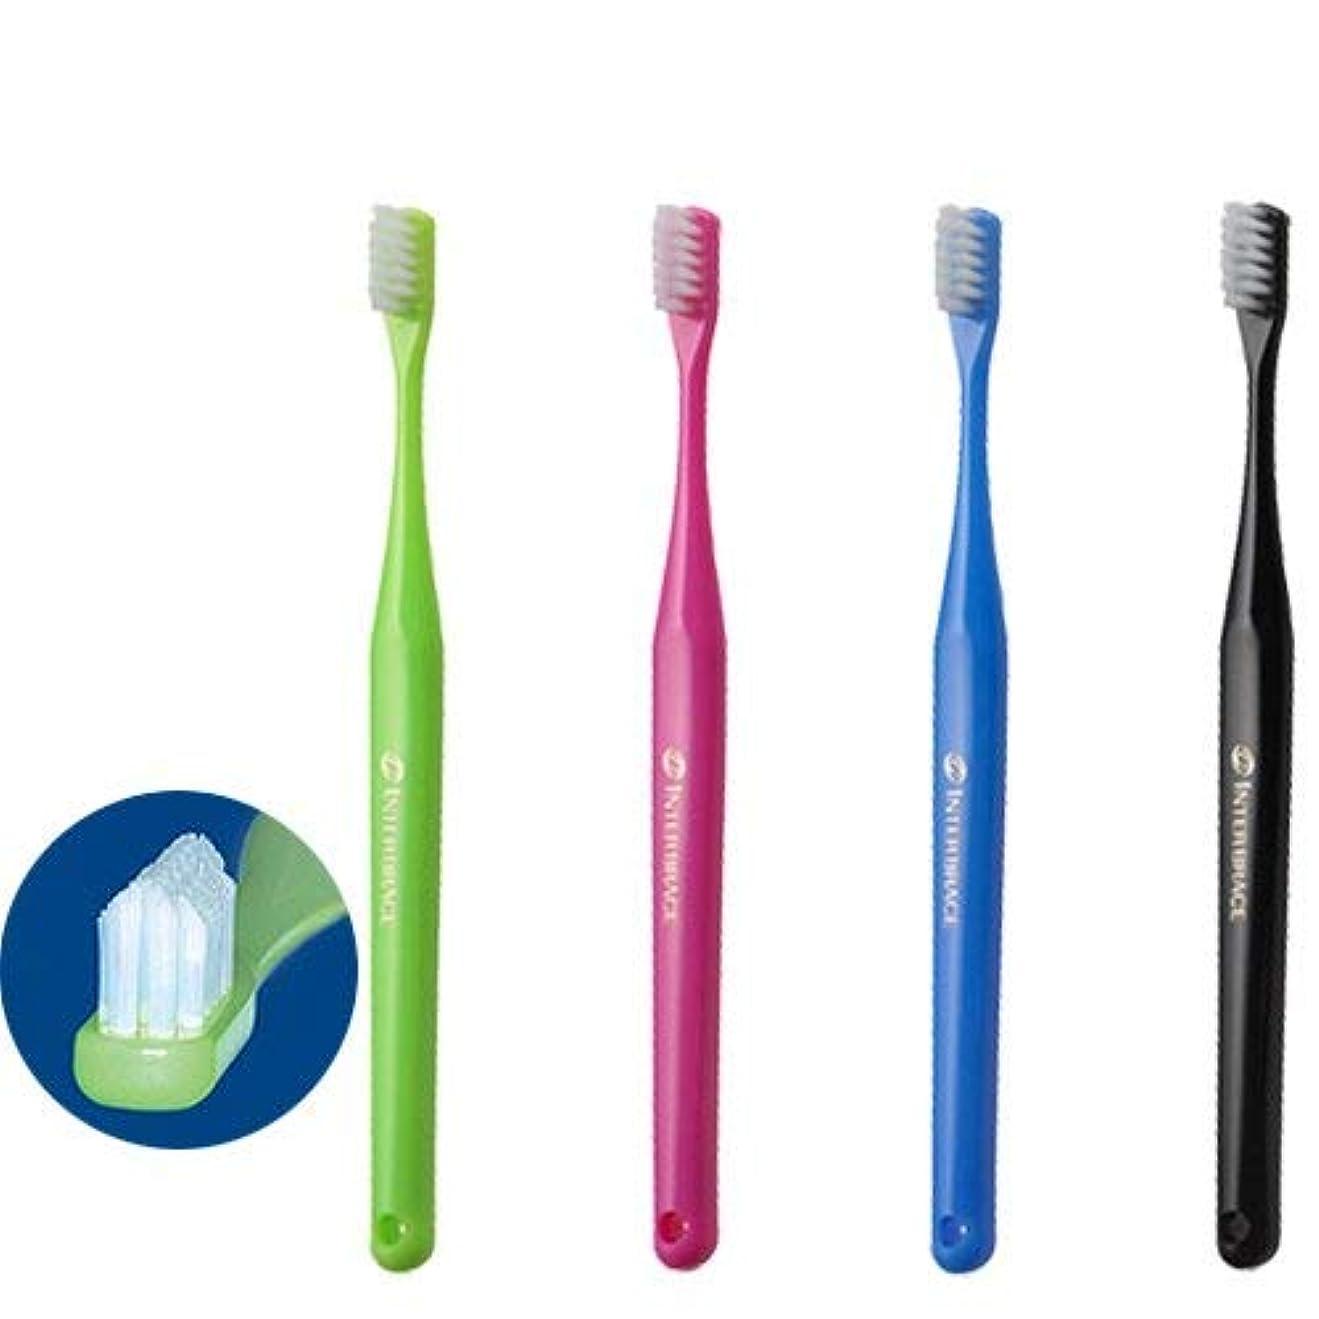 出口サンダーロードブロッキングインターブレイス (INTER BRACE) ×8本 矯正用歯ブラシ 歯科医院取扱品